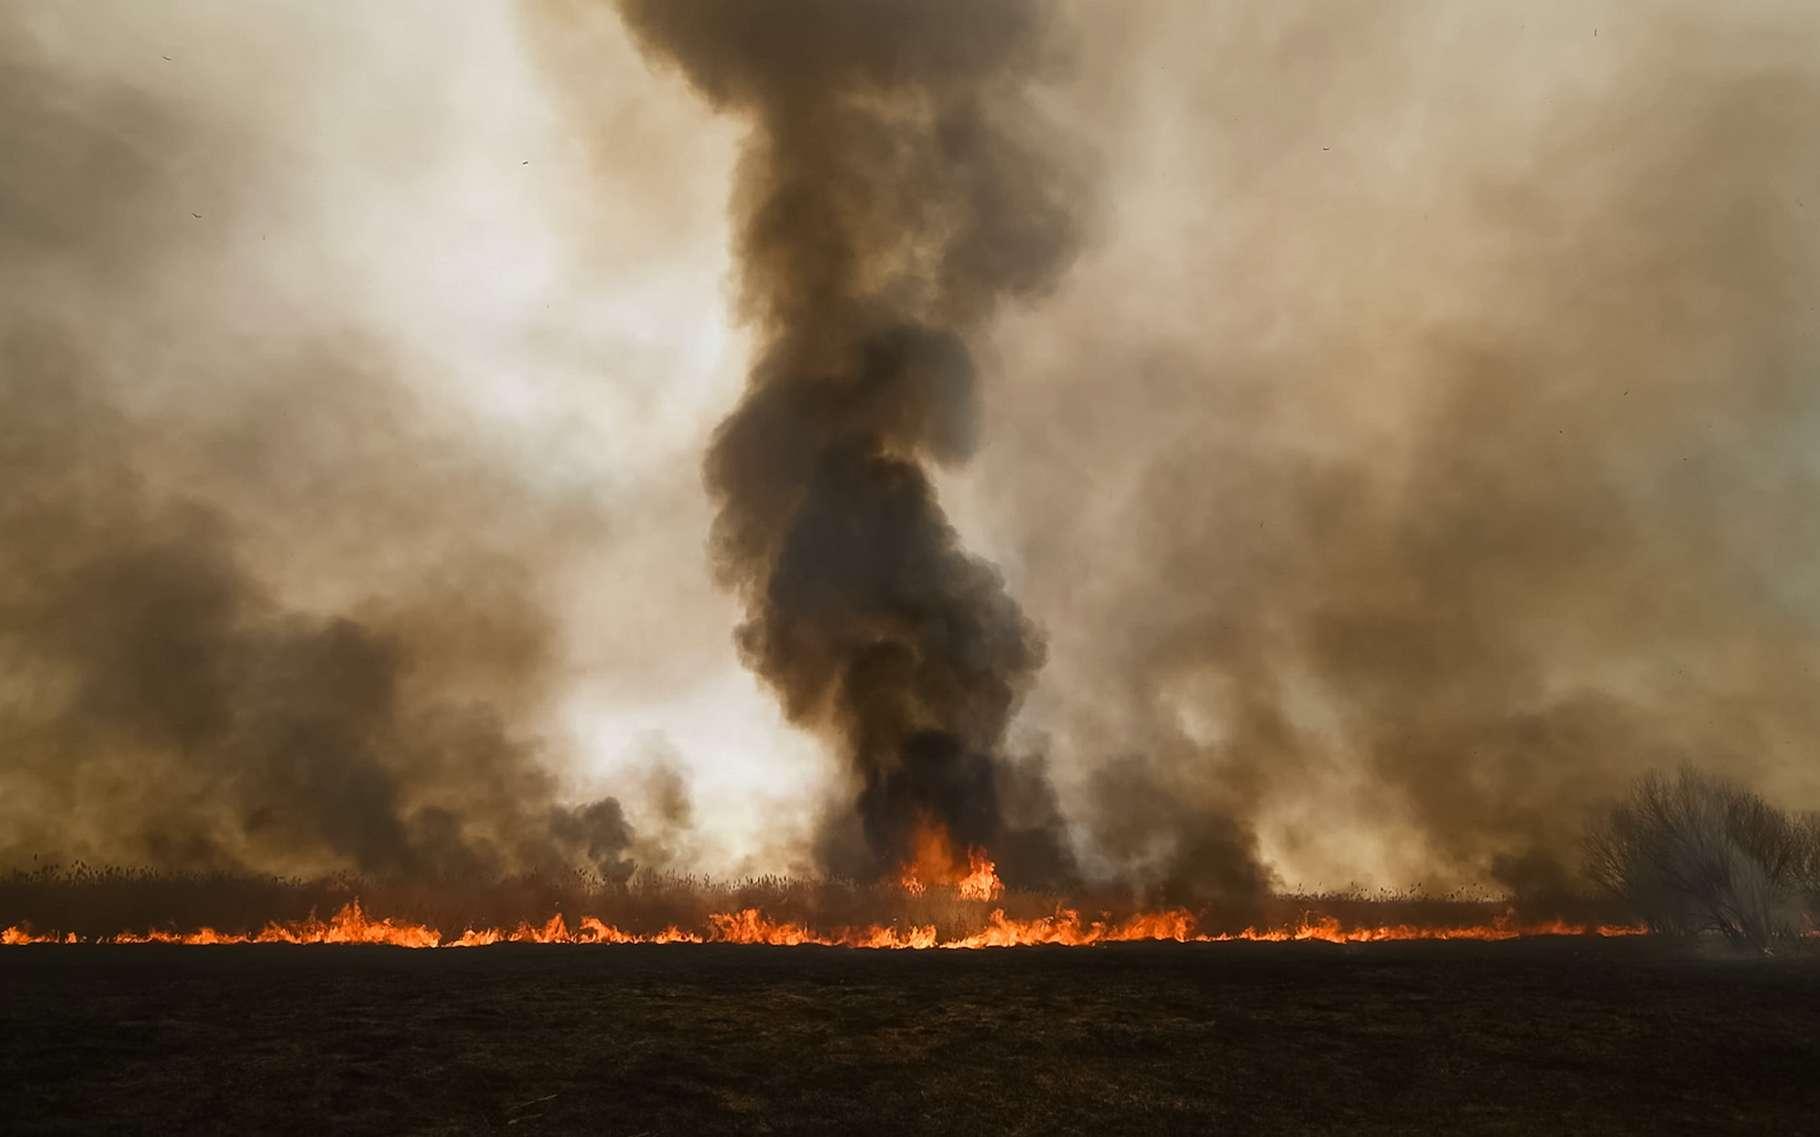 Comme on l'a déjà vu du côté de l'Australie il y a quelques mois, une météo chaude et sèche associée à de forts vents est propice, en Sibérie, à la propagation de feux de forêt. © Ludmila, Adobe Stock